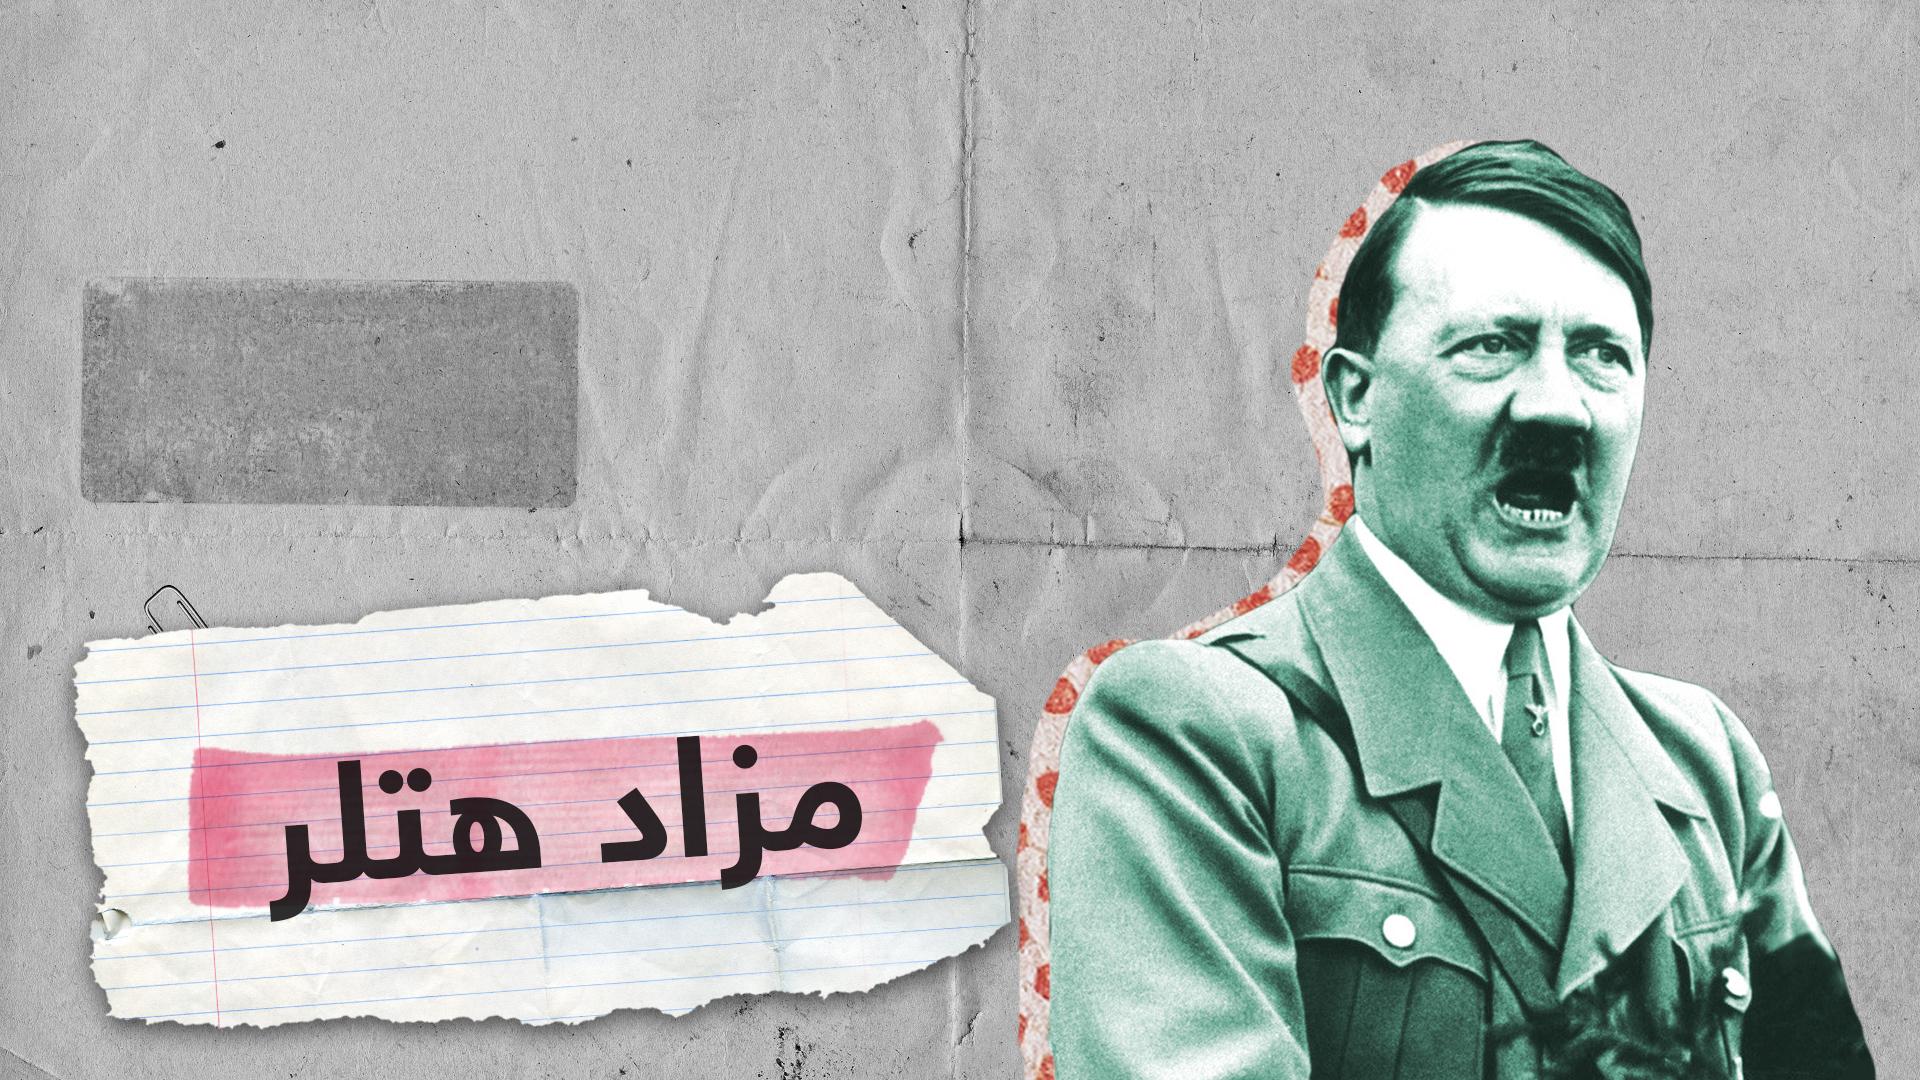 بينها قبعة هتلر.. مقتنيات نازية نادرة في مزاد علني